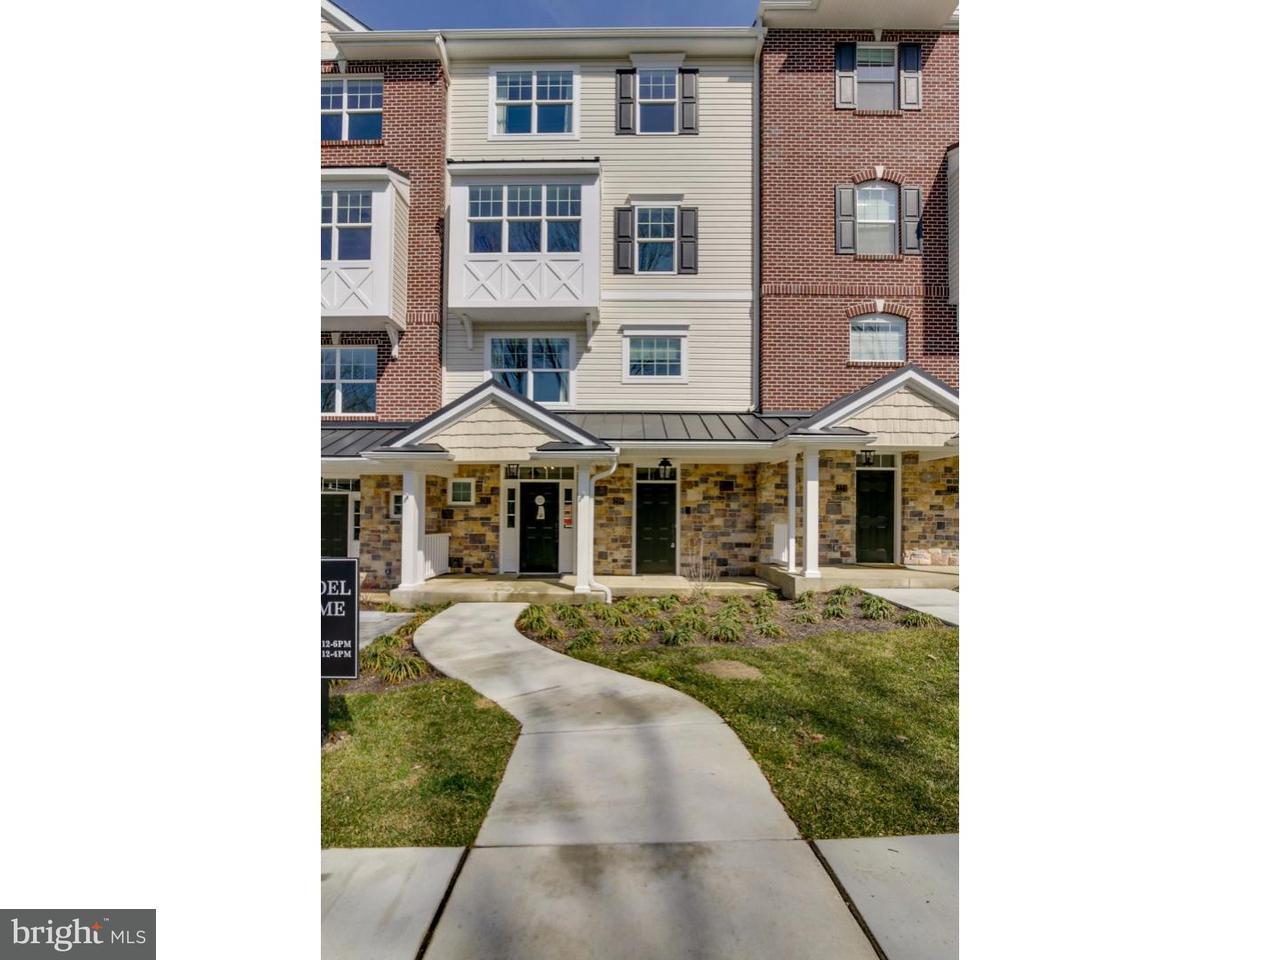 Condominium for Rent at 315 S EDGMONT ST #3 Media, Pennsylvania 19063 United States